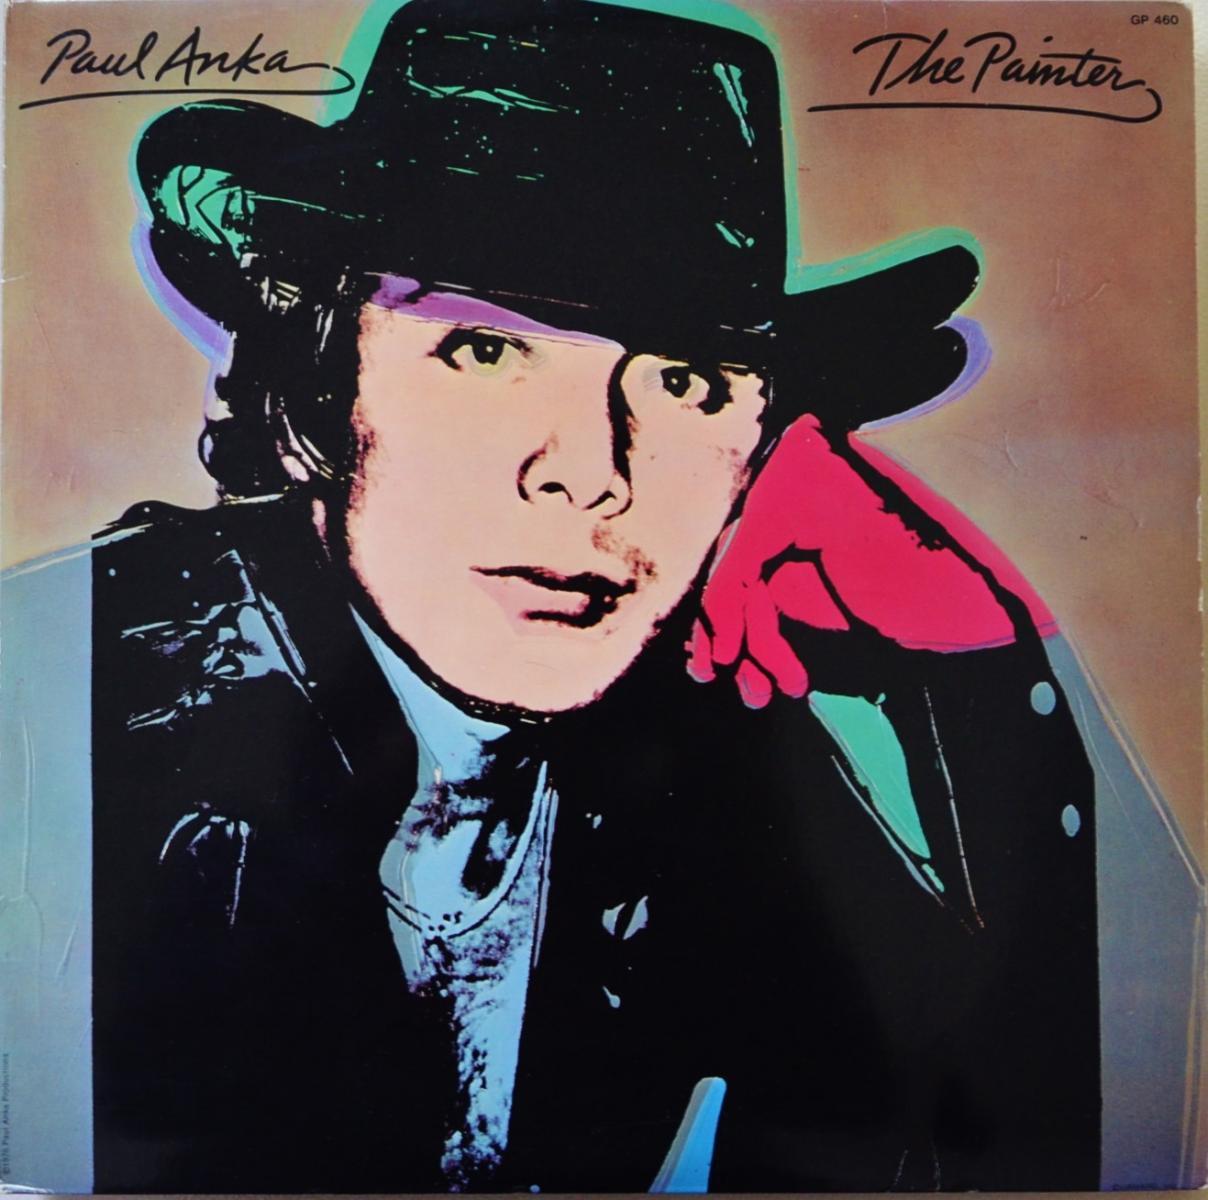 ポール・アンカ PAUL ANKA / 孤独のペインター THE PAINTER (LP)